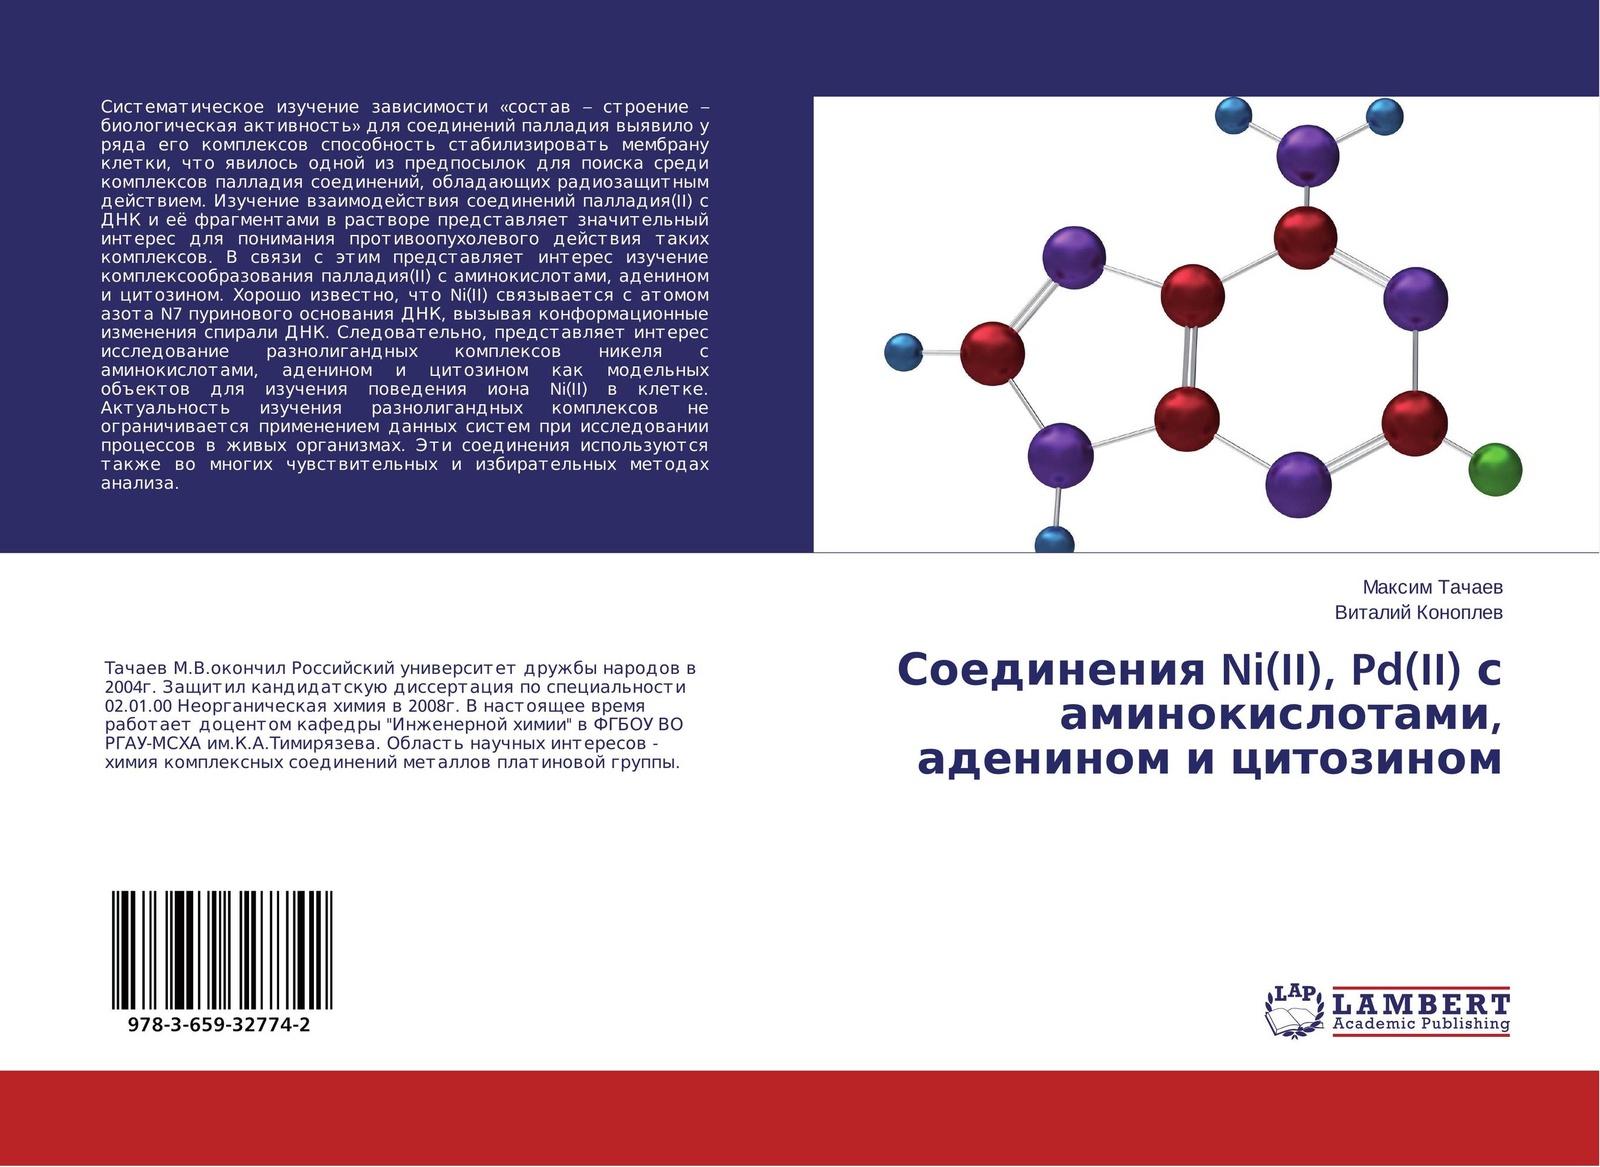 Соединения Ni(II), Pd(II) с аминокислотами, аденином и цитозином 2